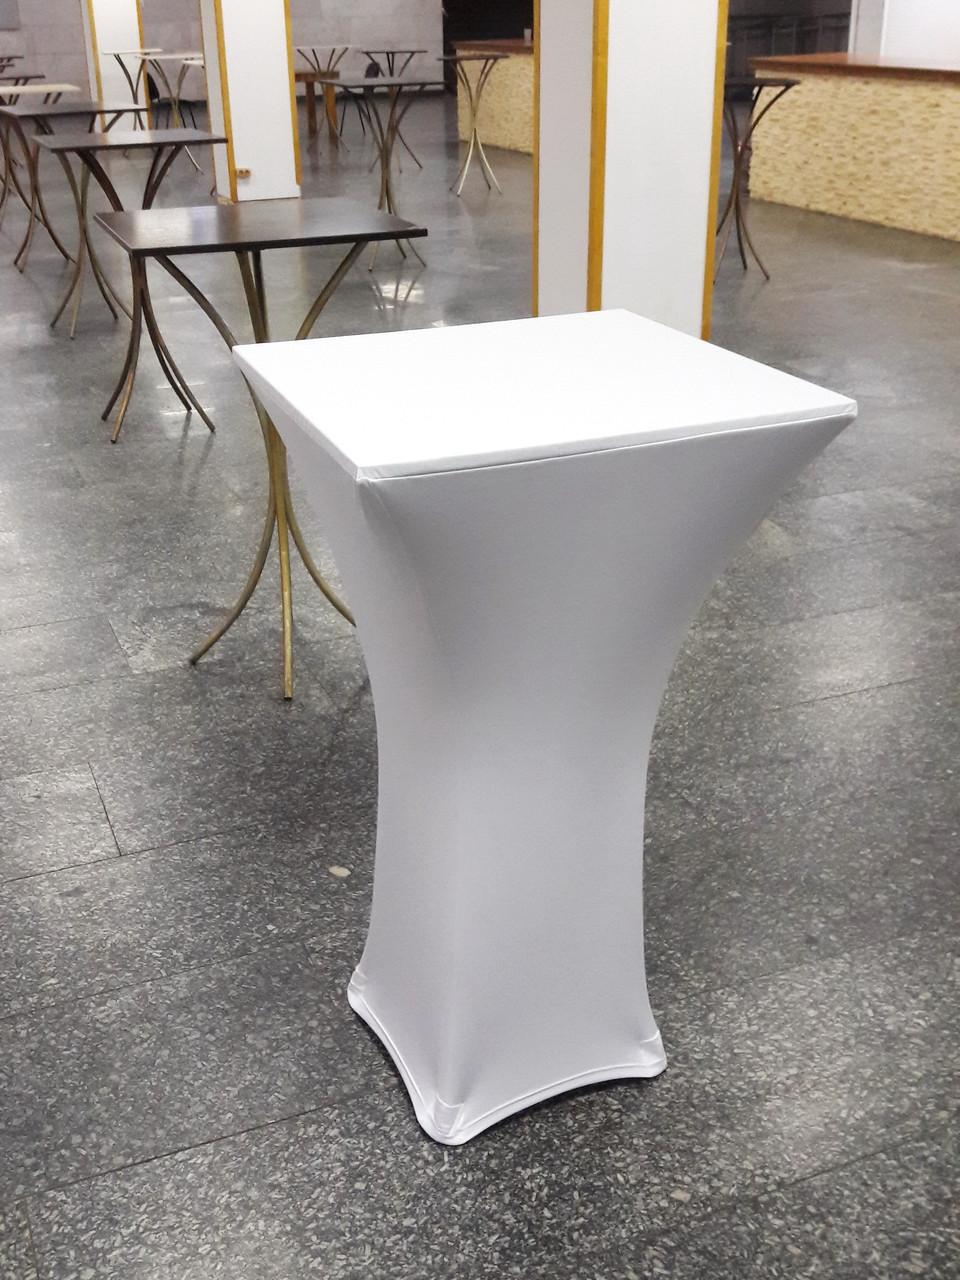 Стрейч чехол на стол 60х60/110 Квадратный Белый из плотной ткани Спандекс